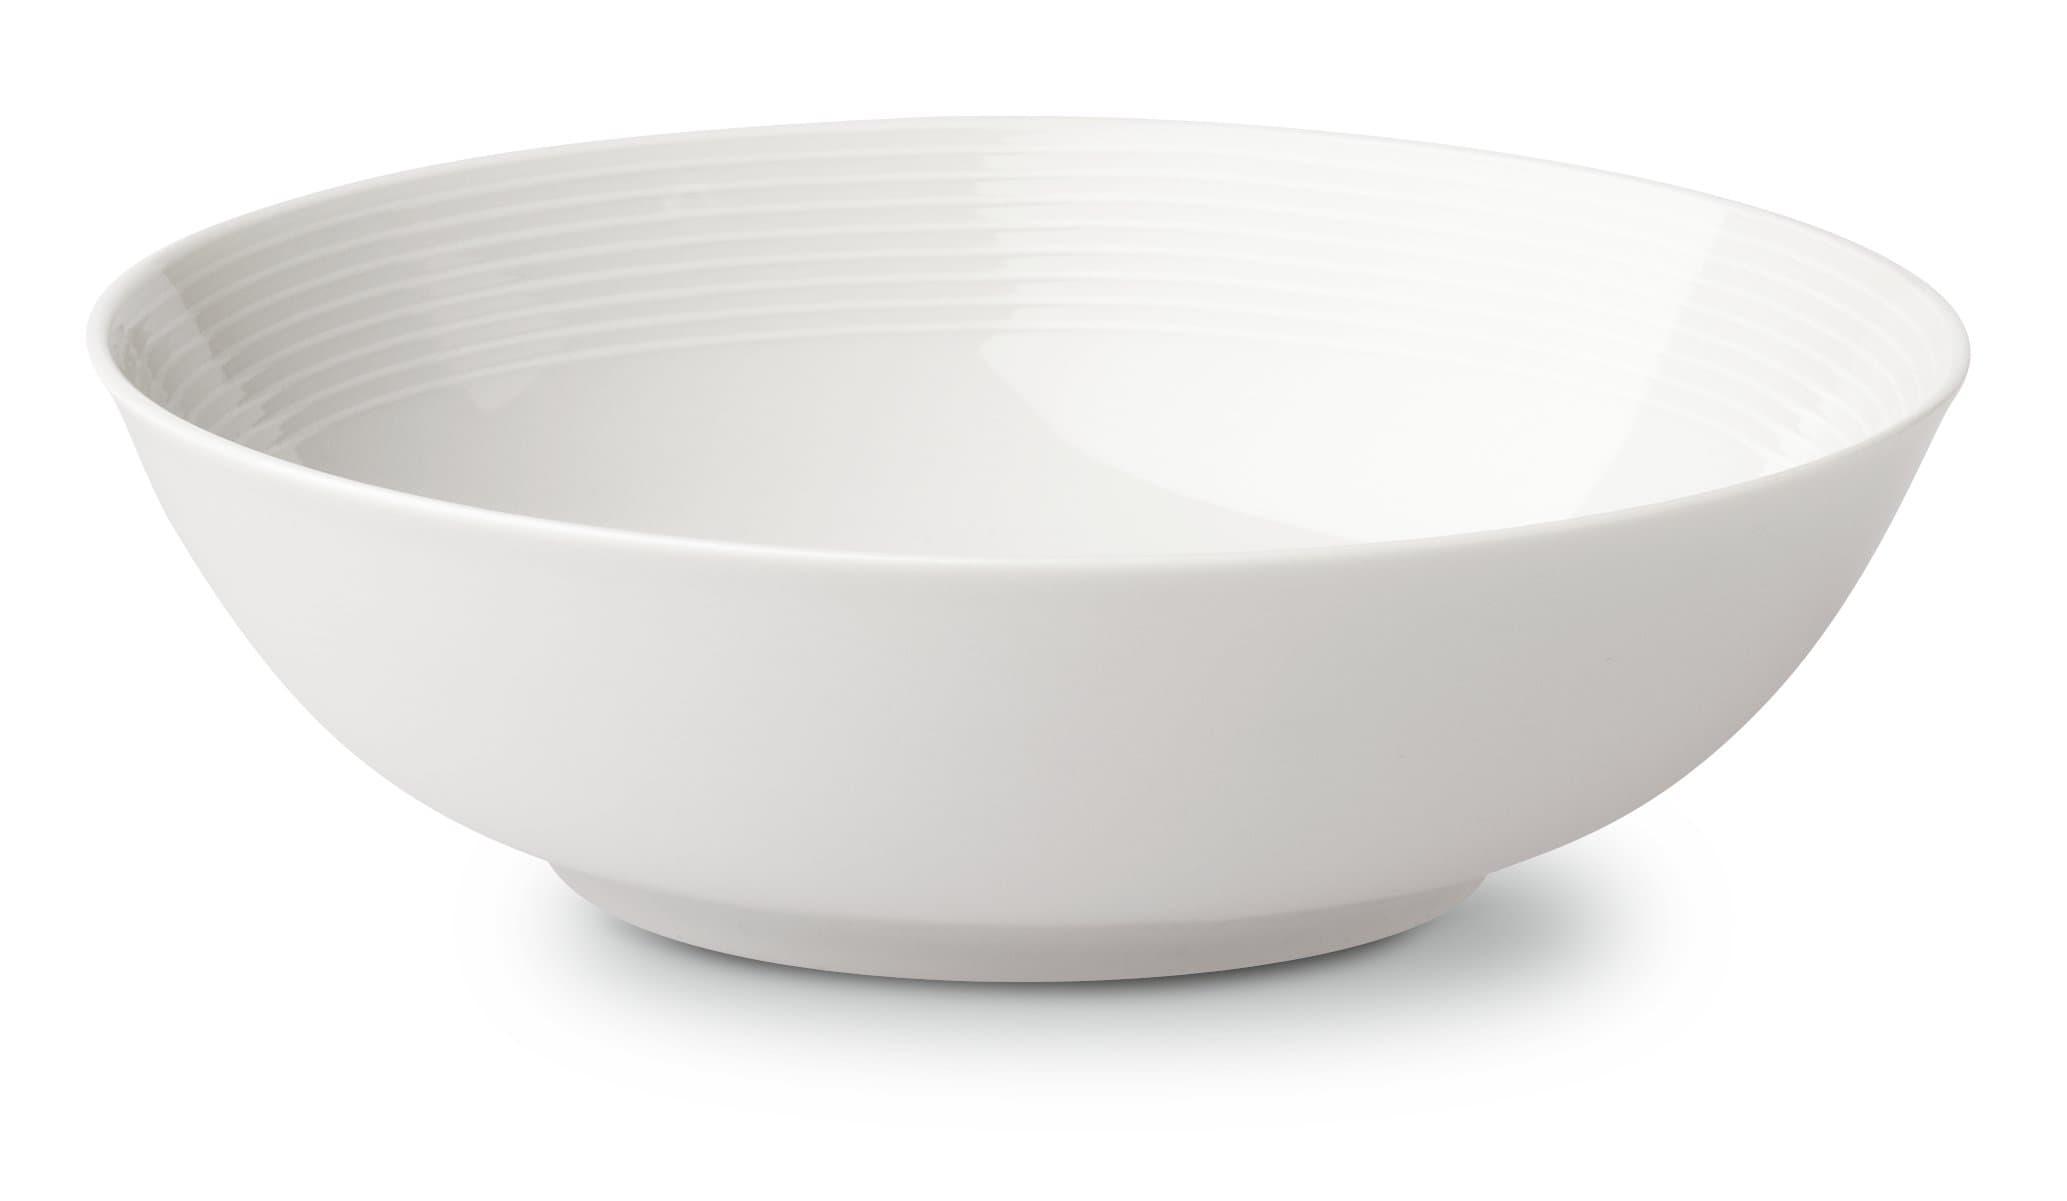 Cucina & Tavola VIENNA Bowl